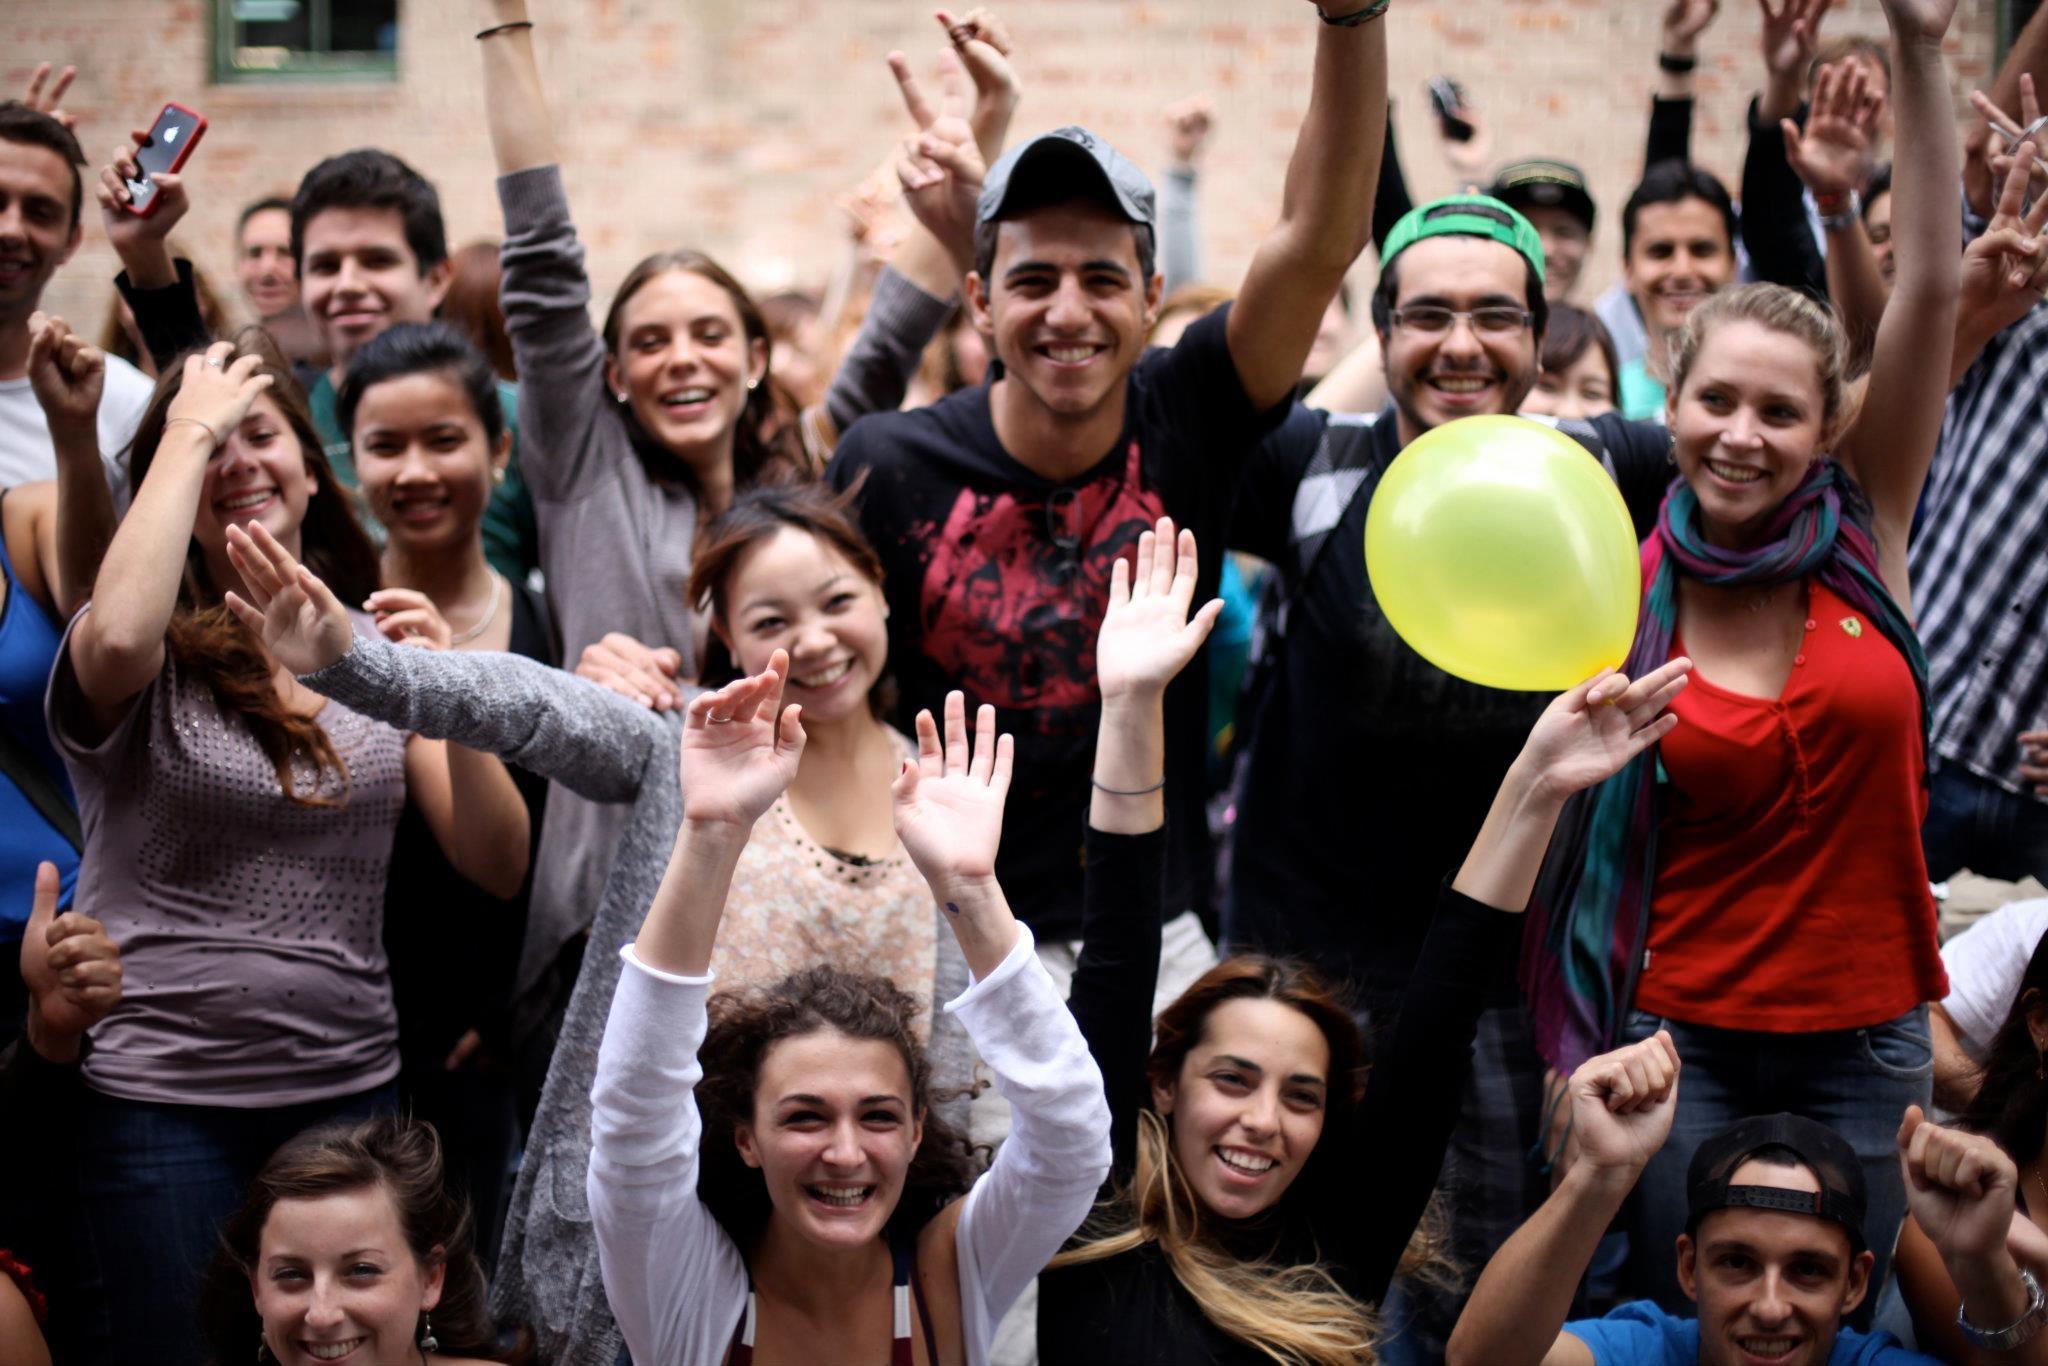 Access Celebrates Carnival_1.jpg